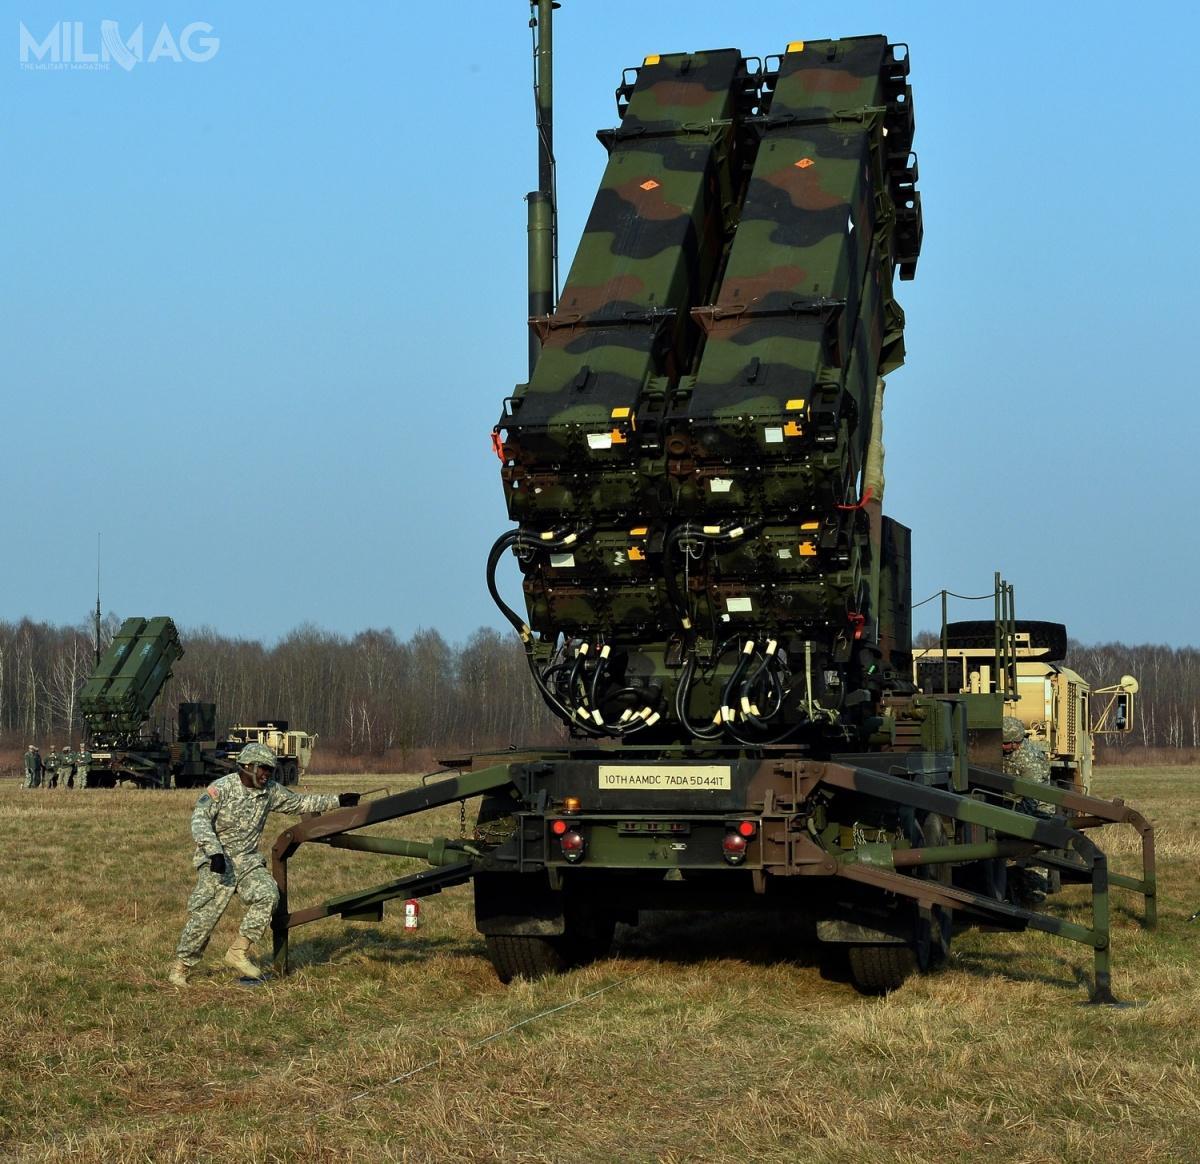 W ramach kwoty 16,6 mld zł przewidzianej narealizację pierwszej fazy programu Wisła, Wojsko Polskie otrzyma dwie baterie zmodernizowanego systemu MIM-104F Patriot PAC-3+  wraz zsieciocentrycznym zintegrowanym systemem dowodzenia IBCS. /Zdjęcie: US Army